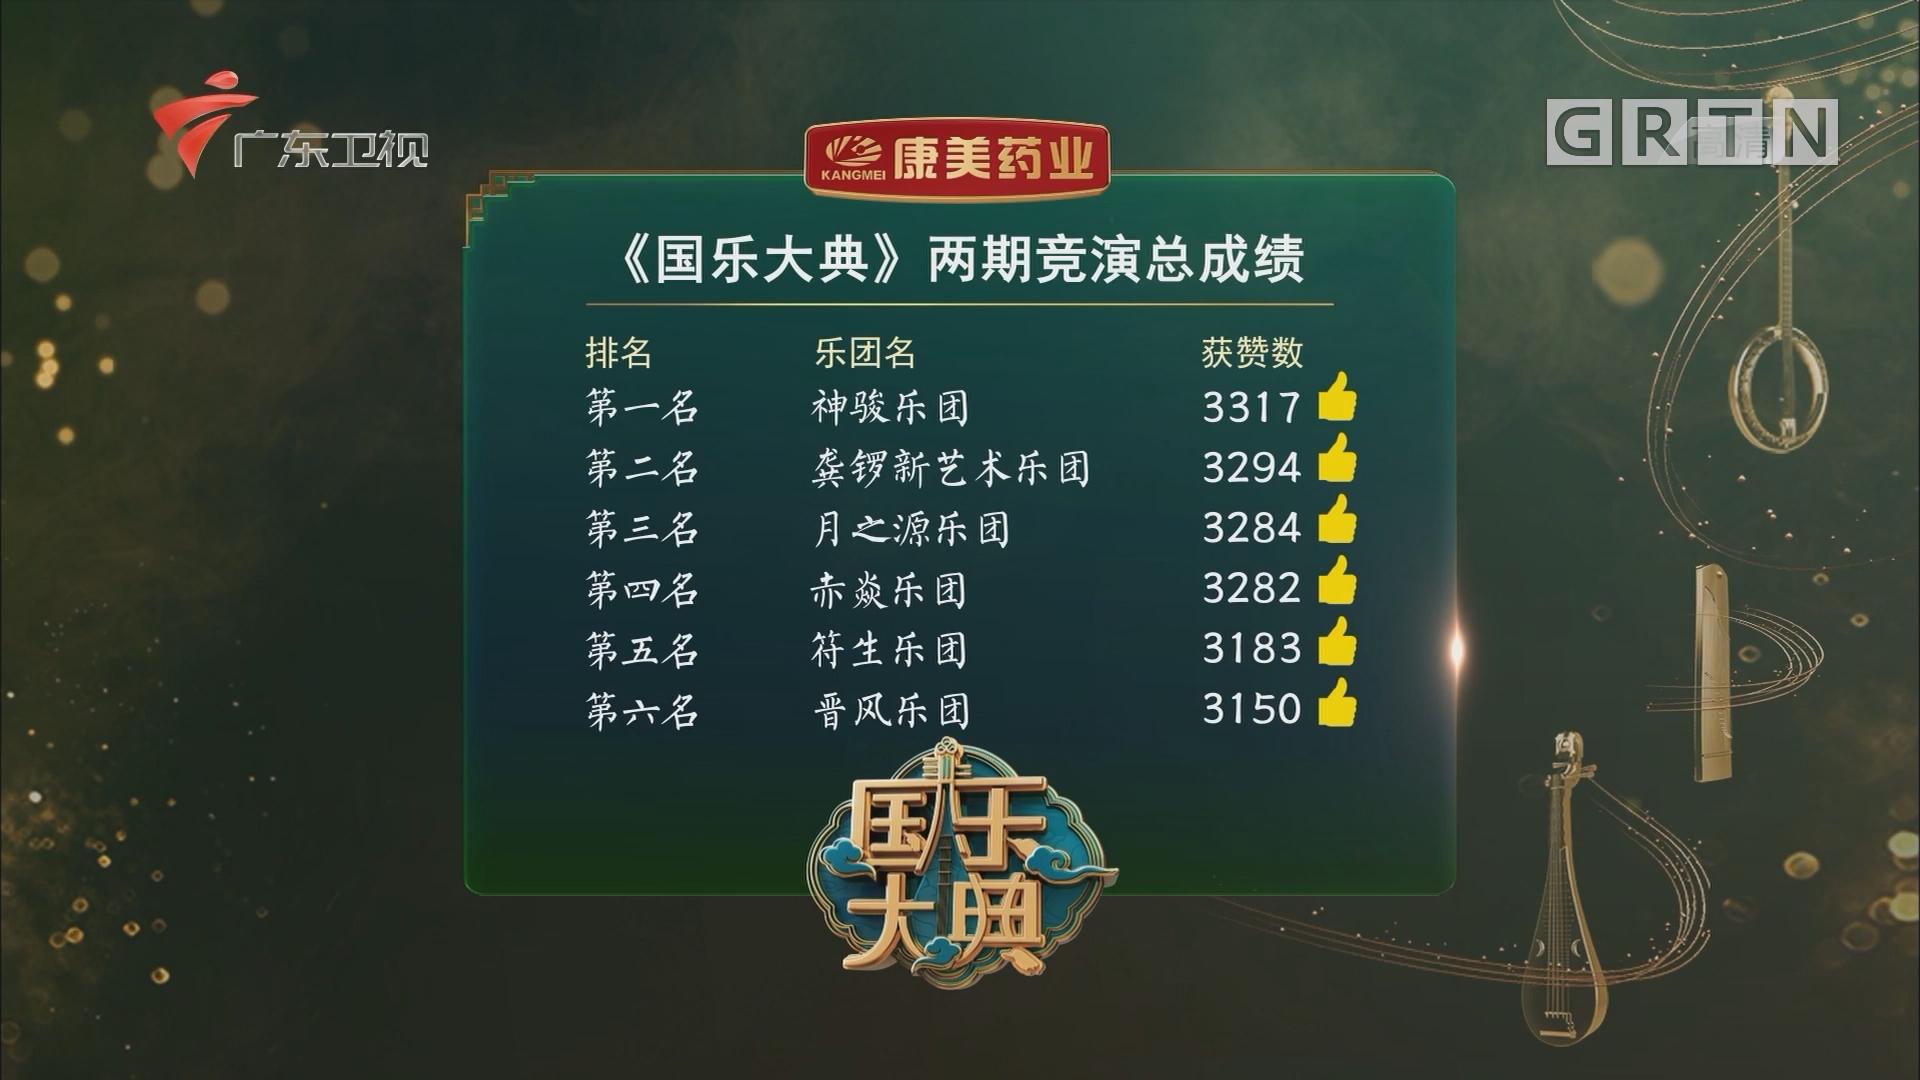 第十期竞演排名公布